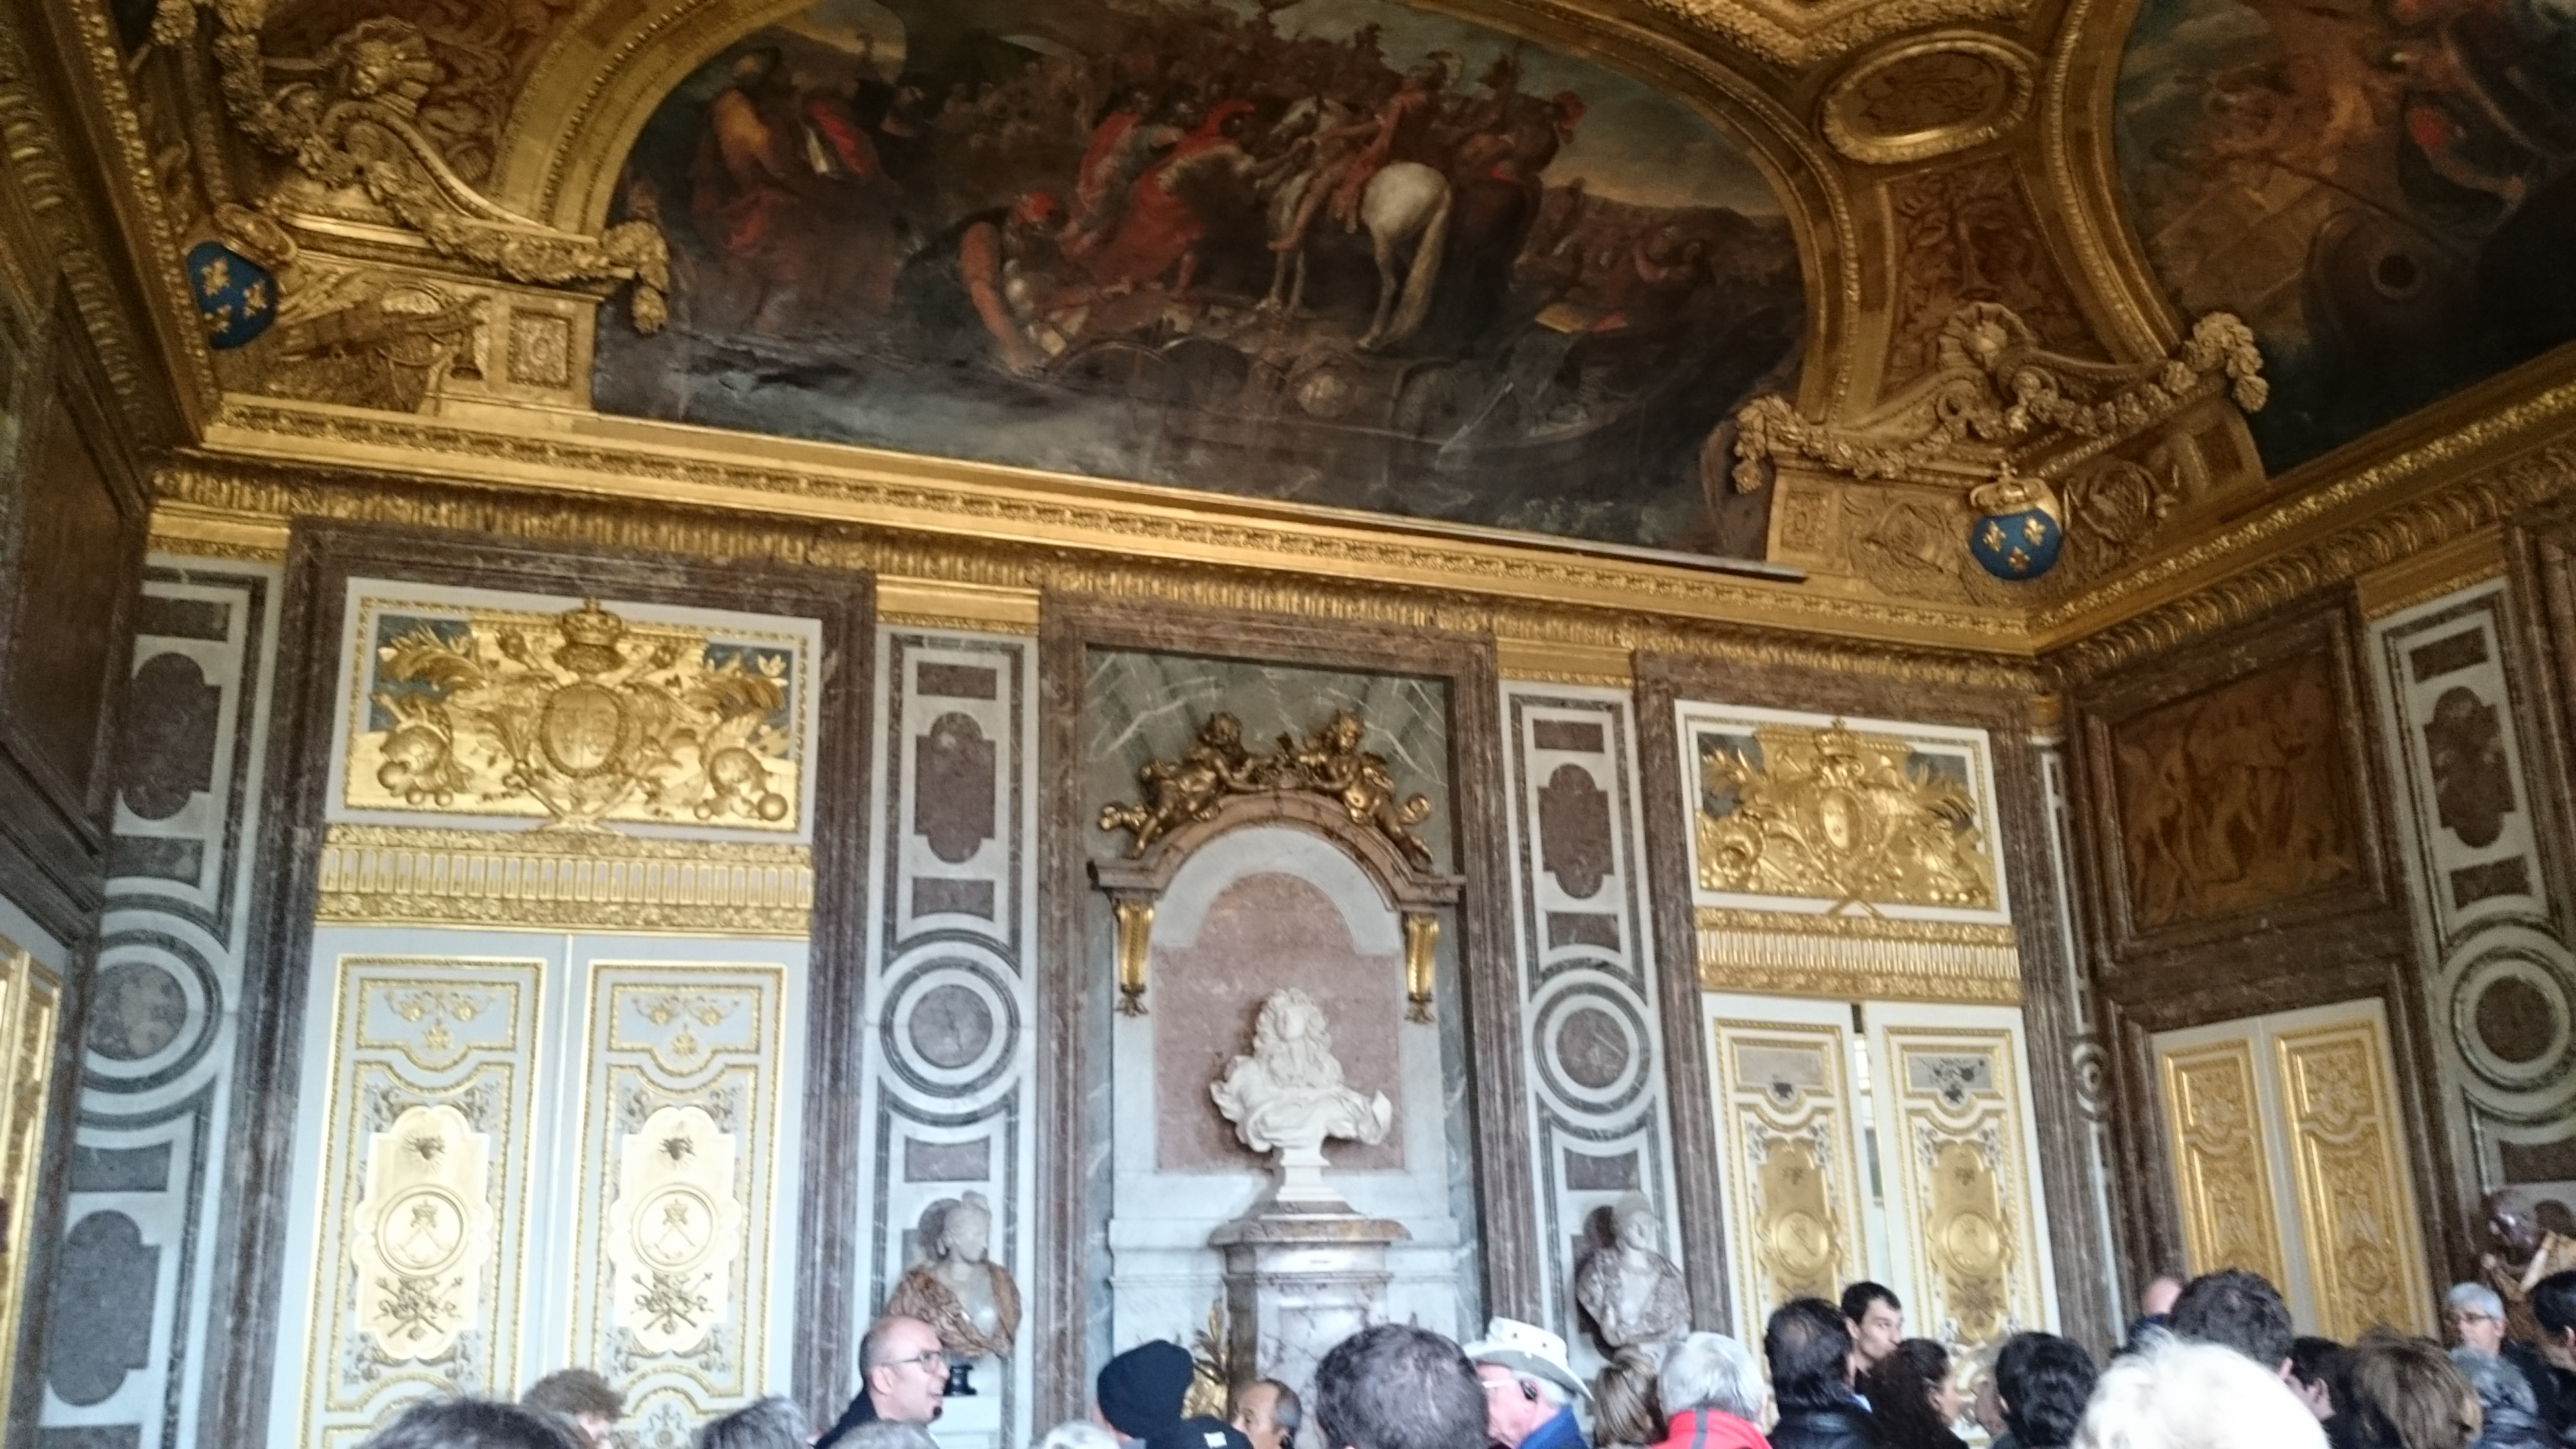 dsc 13461 - Visita al Palacio de Versalles: Como ir, cuanto cuesta y tips III/III